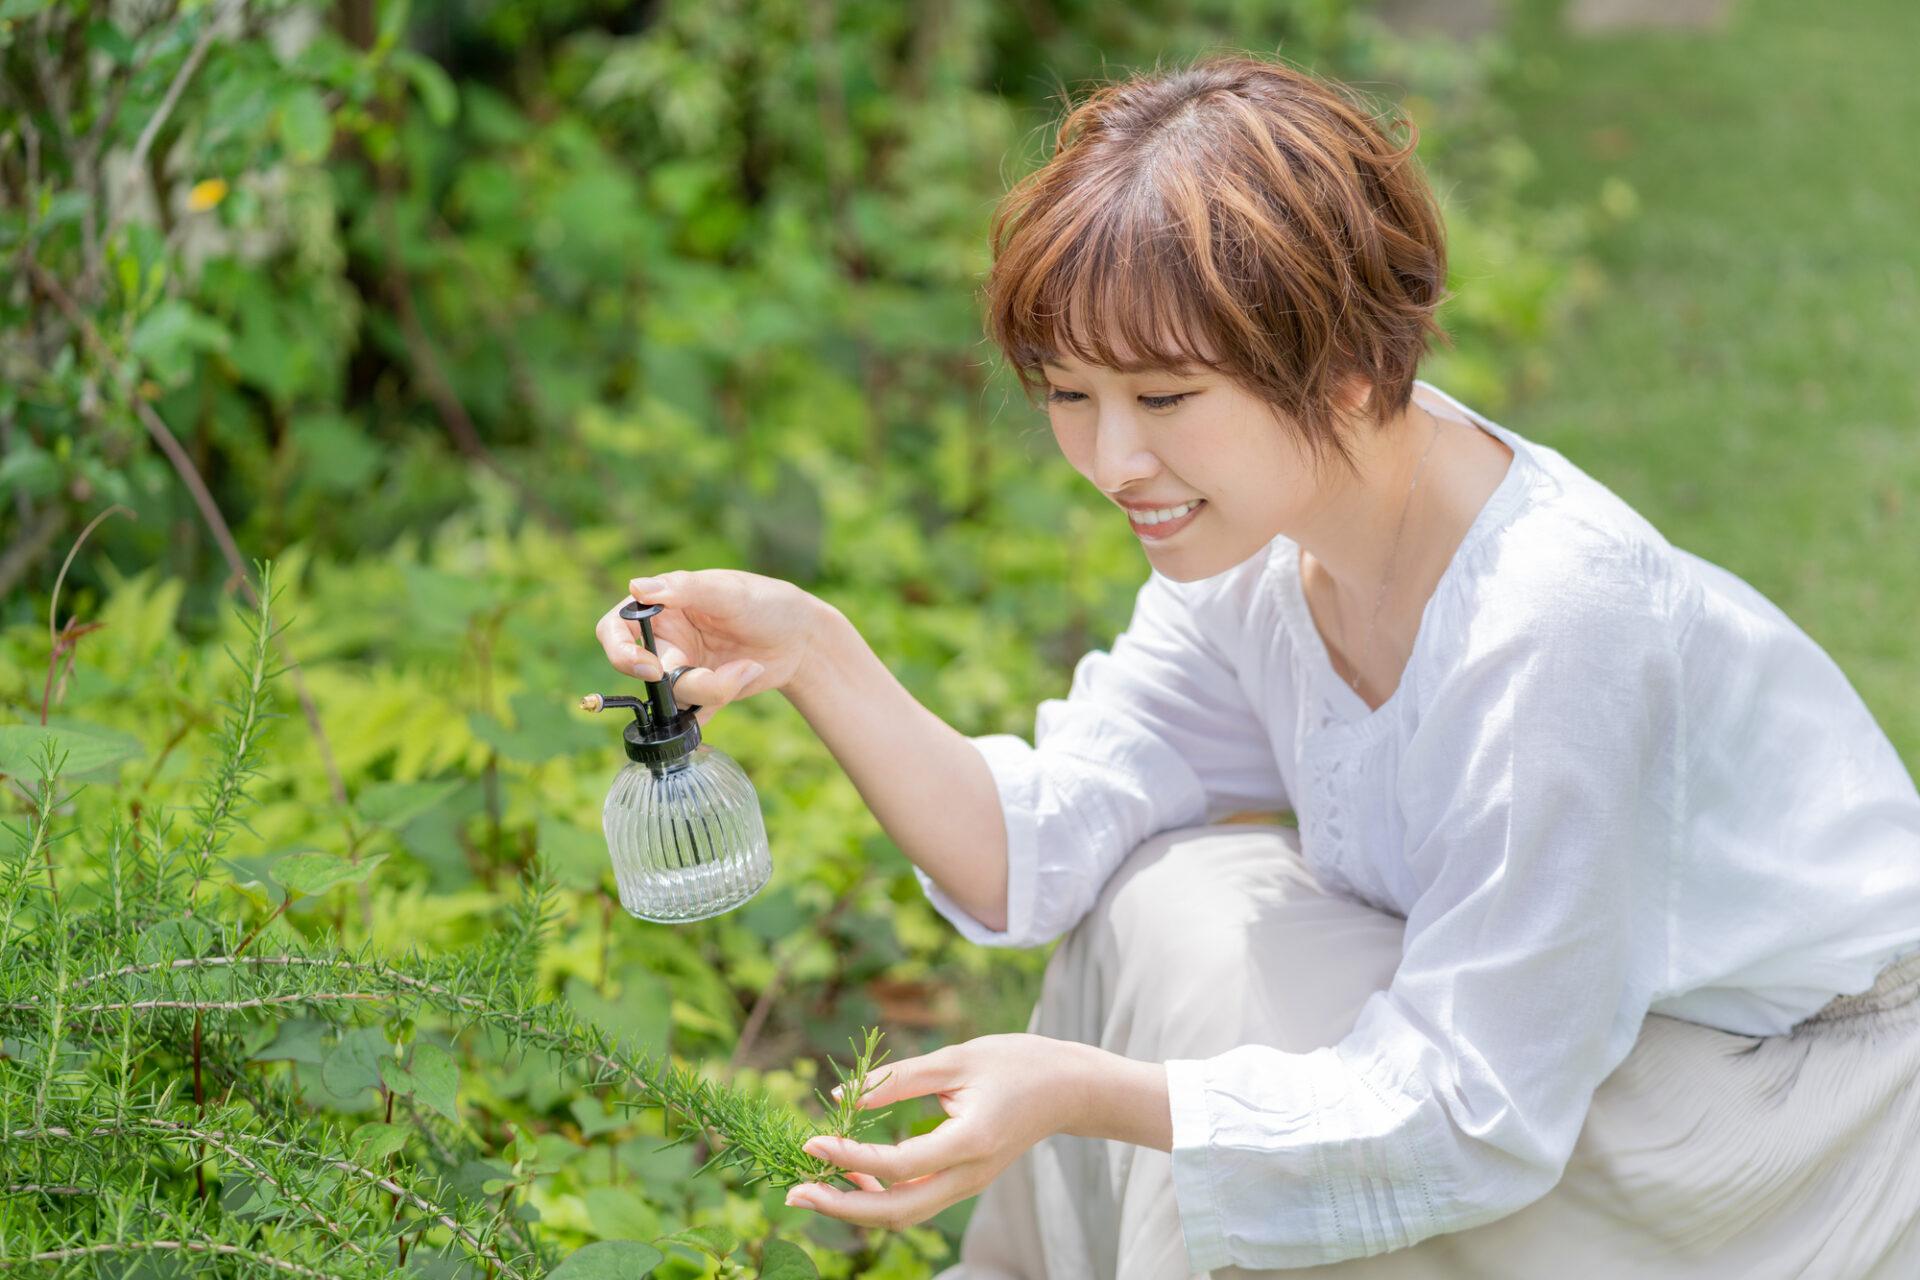 女性がお庭に水をあげているシーン